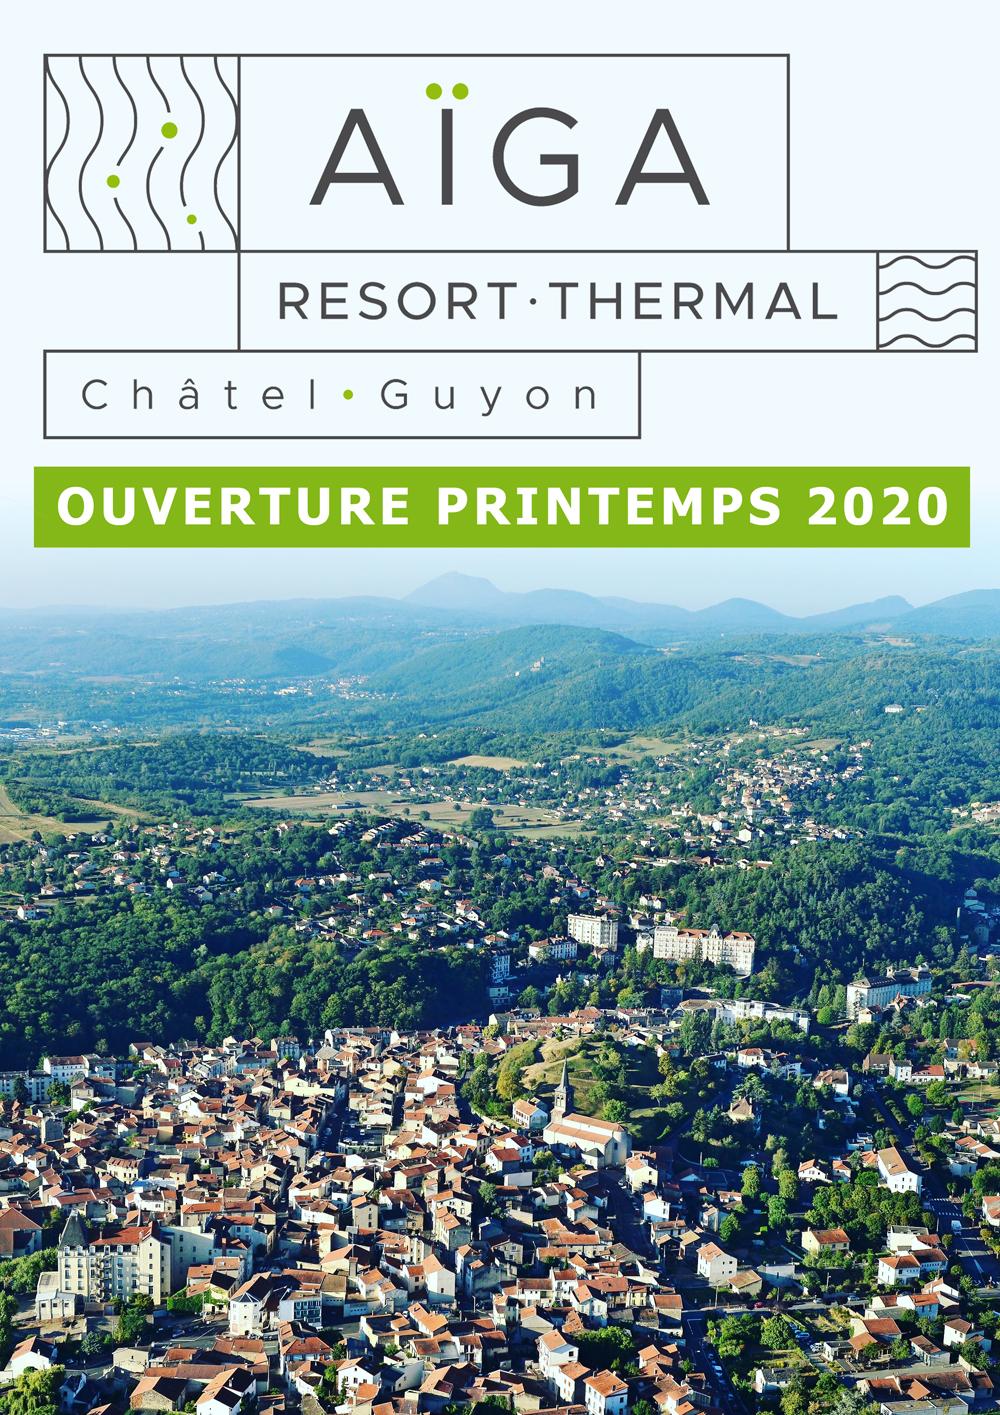 """Le nom du futur établissement thermal dévoilé : """"Aïga Resort-Thermal  Châtel-Guyon"""" - Ville de Châtel-Guyon"""